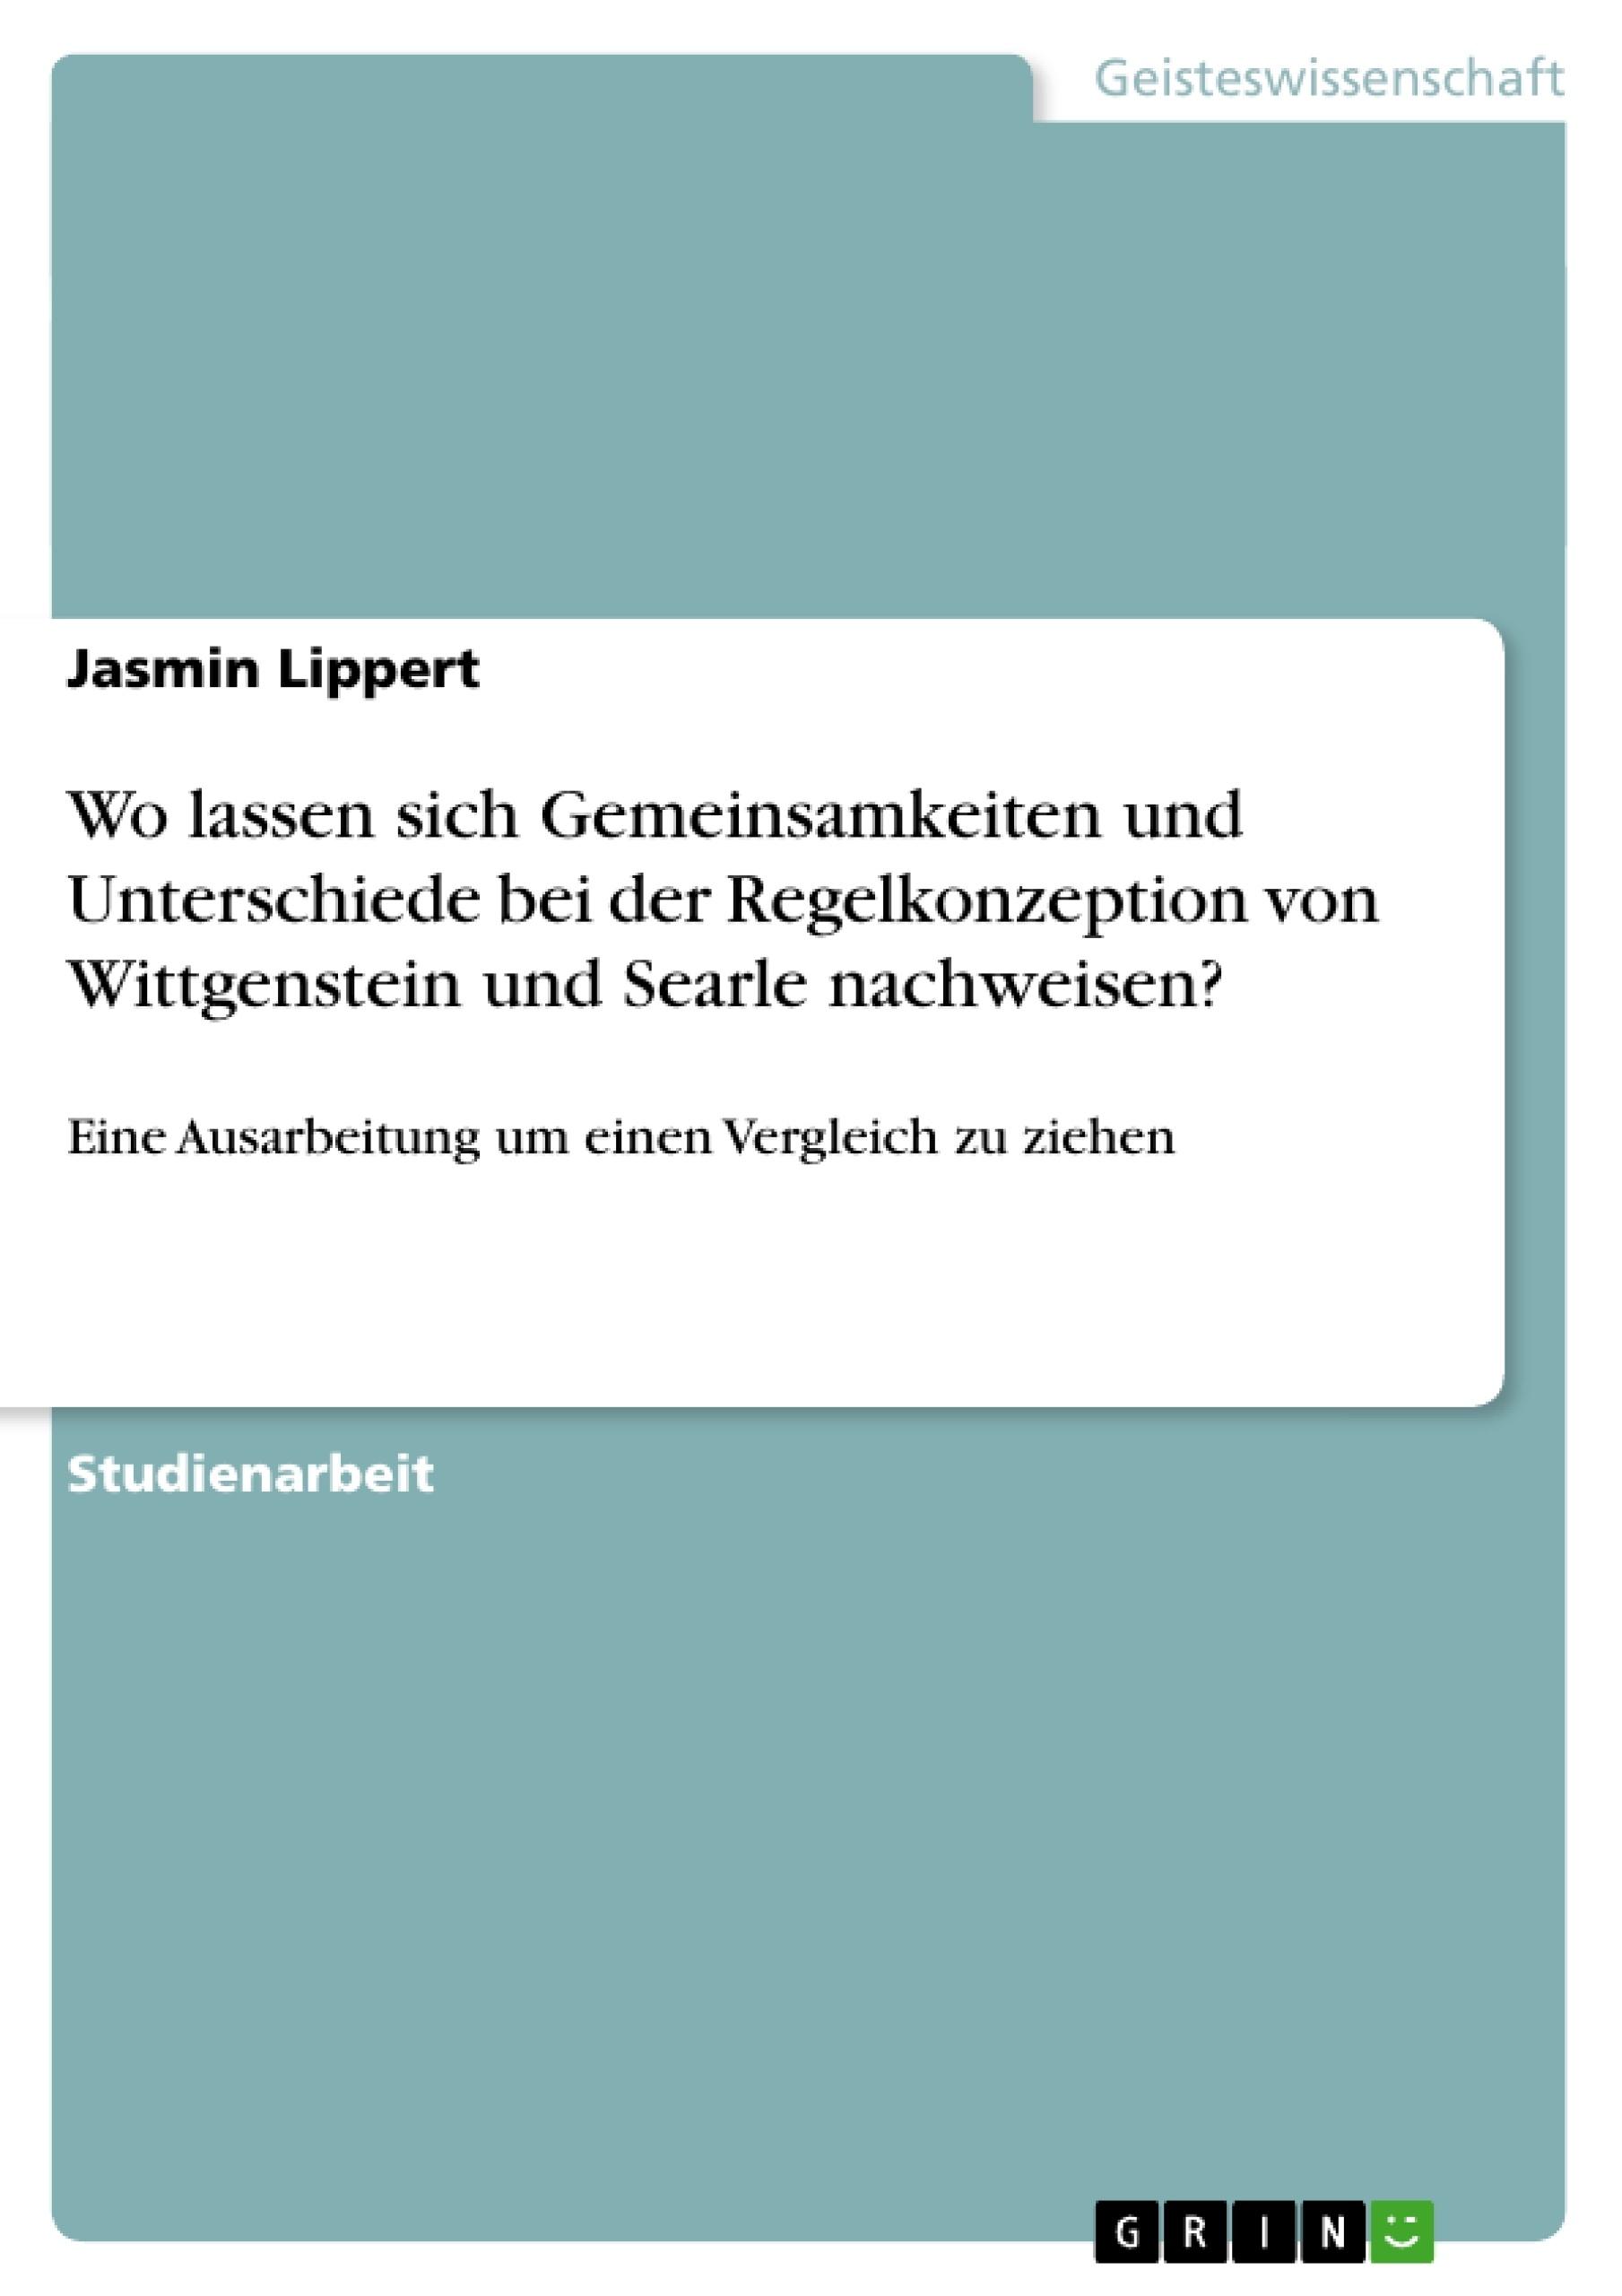 Titel: Wo lassen sich Gemeinsamkeiten und Unterschiede bei der Regelkonzeption von Wittgenstein und Searle nachweisen?